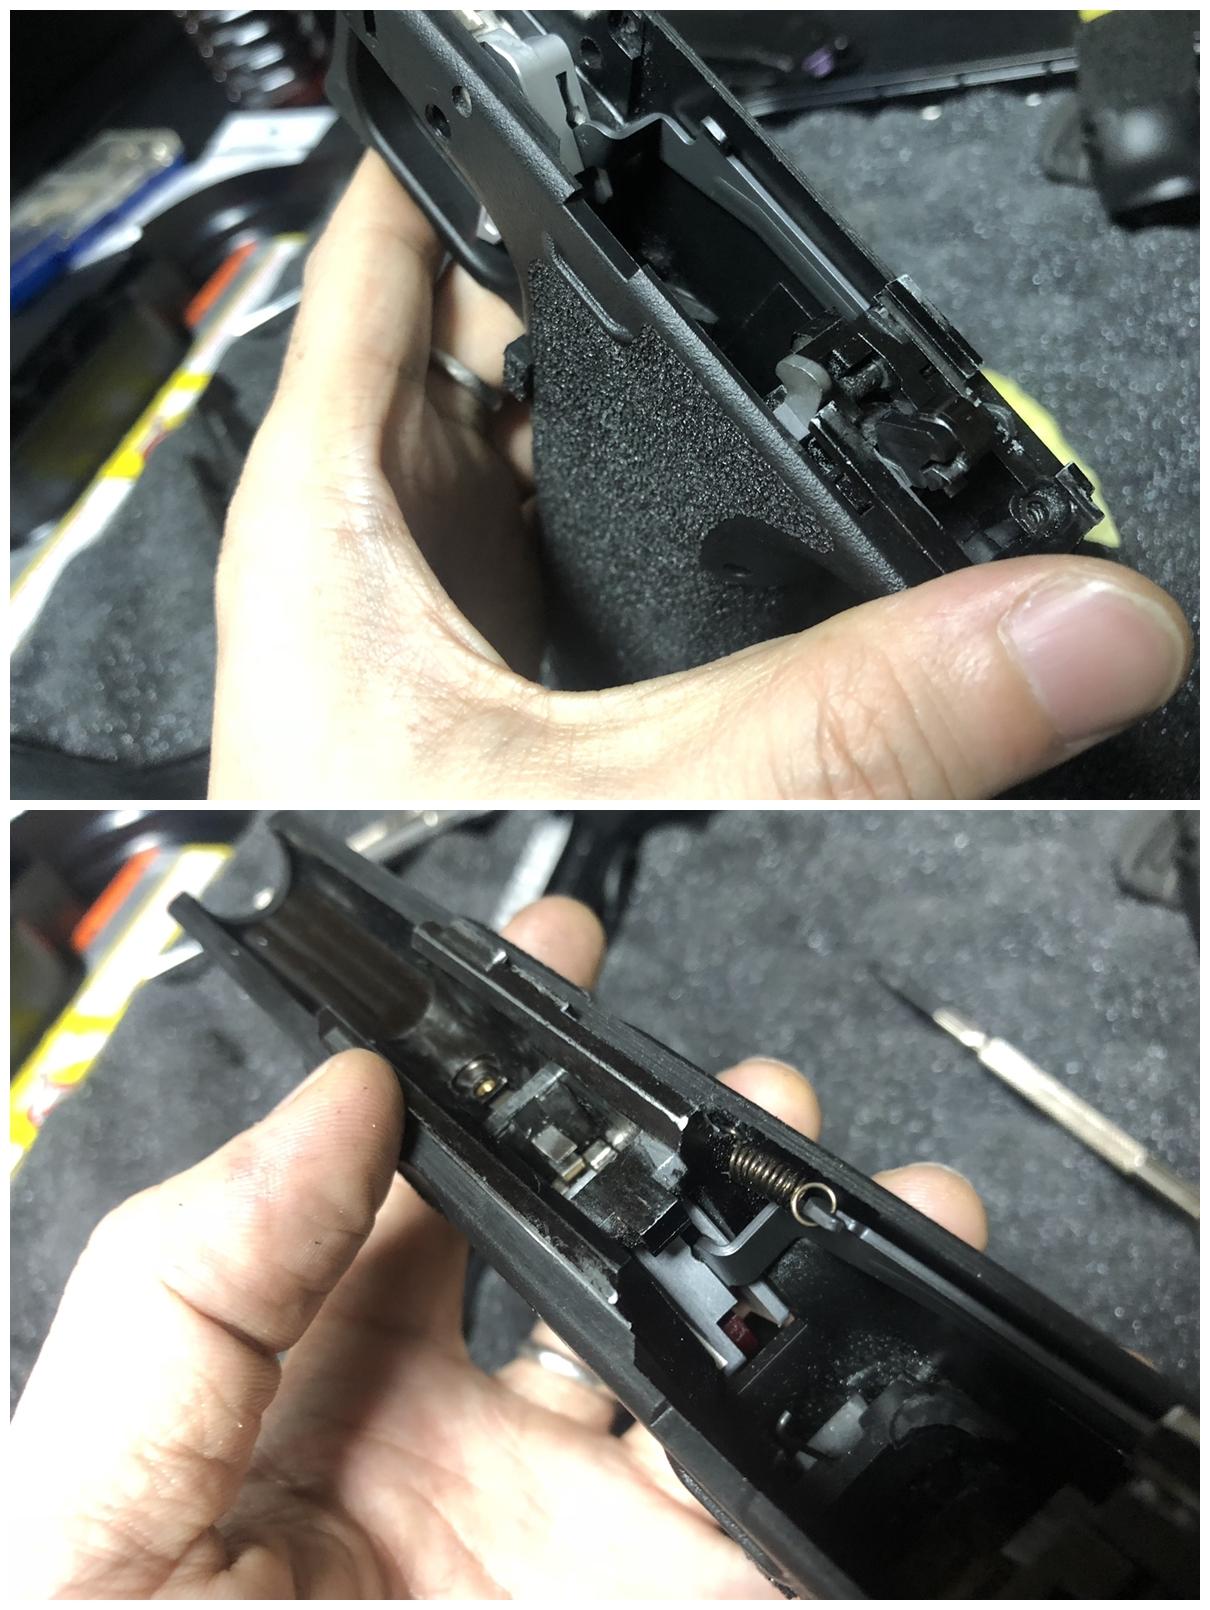 12 GLOCK 18C GBB スライドの動作不良を修理するぞ! GUARDER スチール トリガーバー & ガーダー スチール ノッカーロック 購入 分解 取付 修理 加工